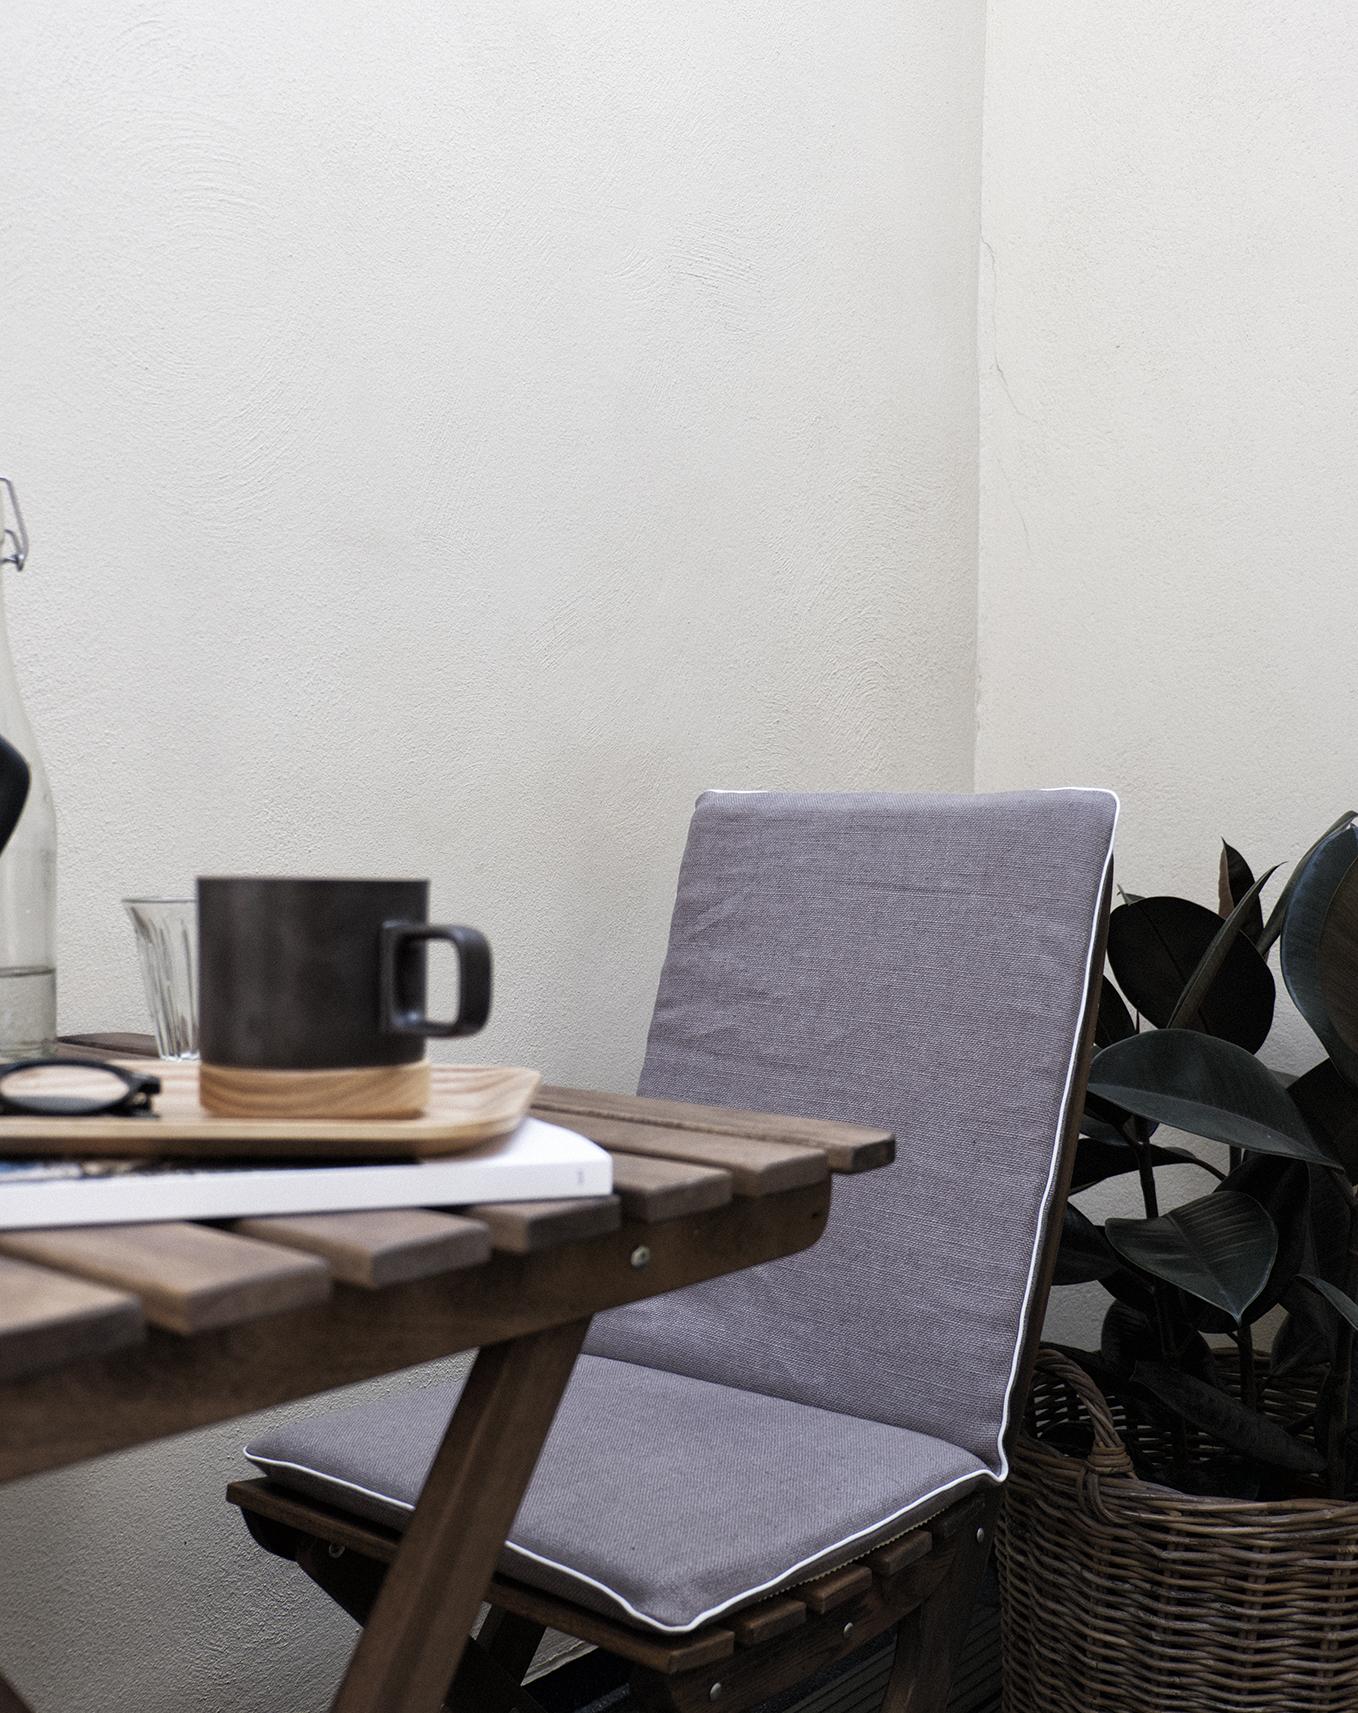 Zero Waste Home Hohm Interior Design